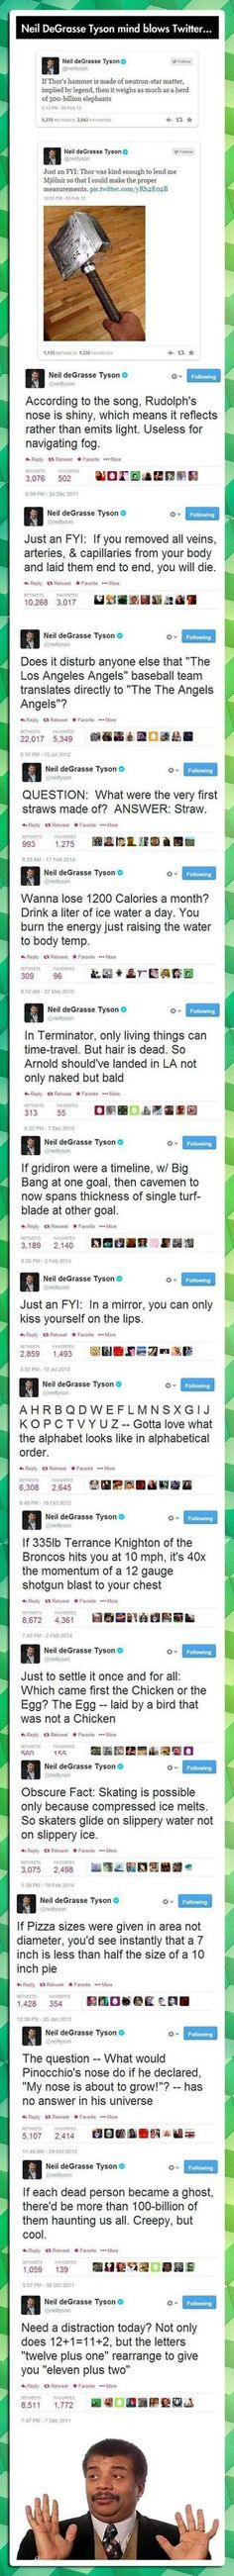 Neil DeGrasse Tyson mindblows Twitter